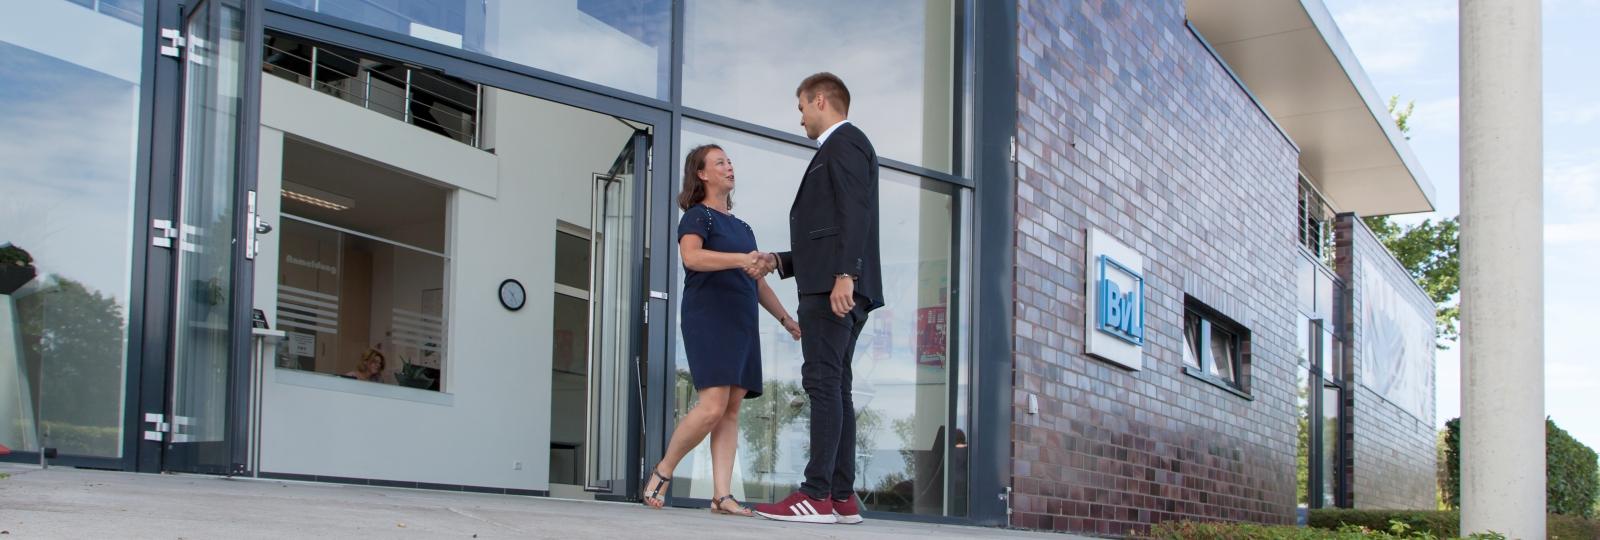 Ein neuer Mitarbeiter bei BvL wird im Eingang begrüßt.